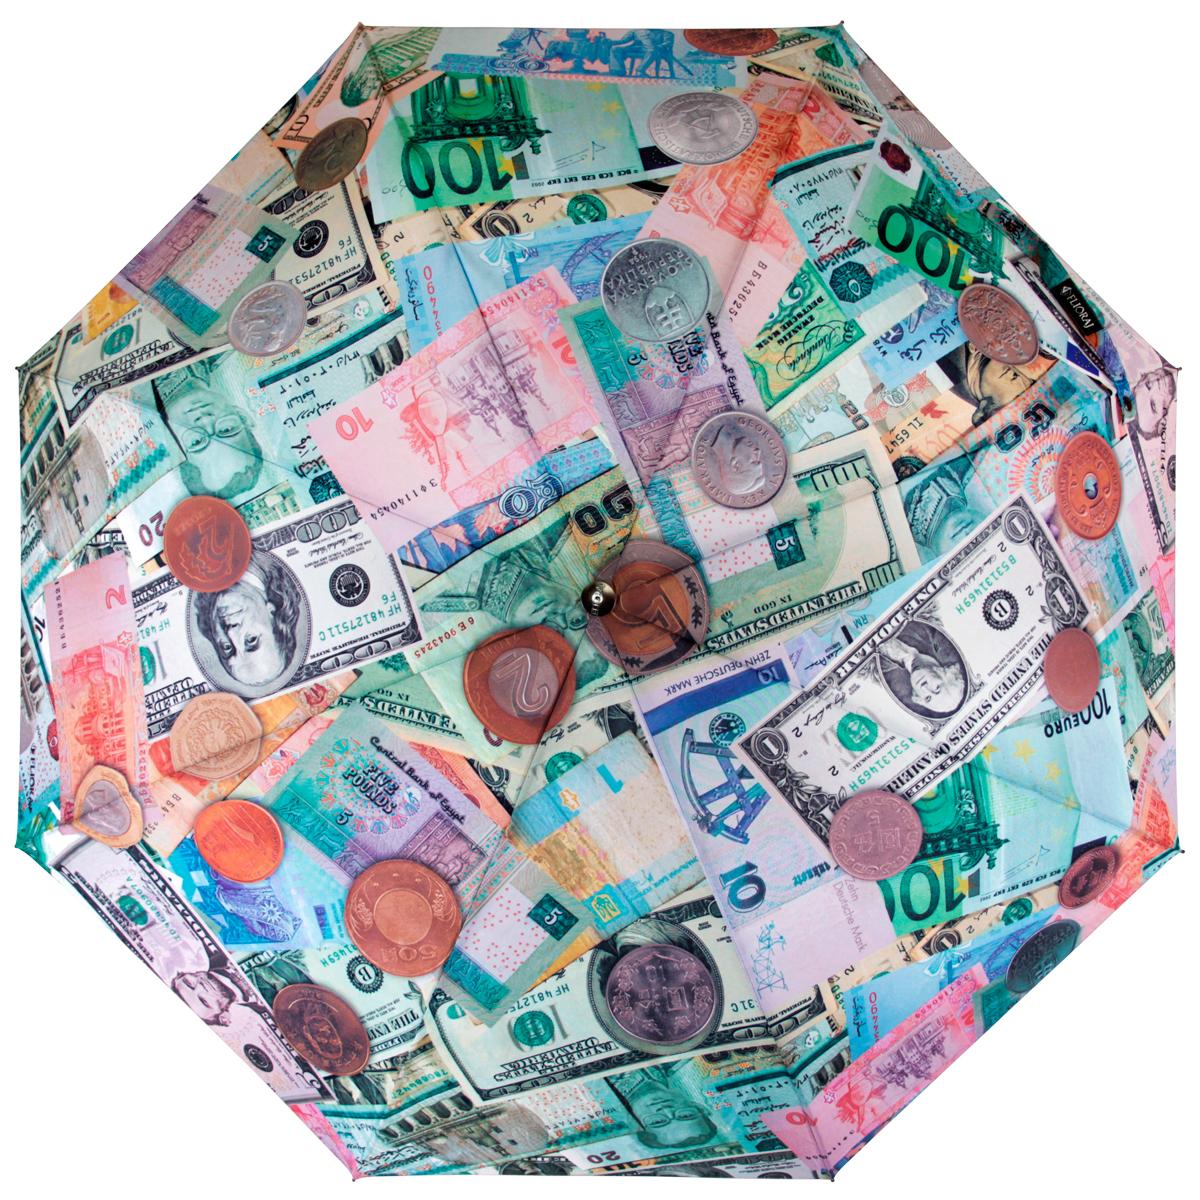 Зонт женский Flioraj Купюры и монеты, механический, 5 сложений, зеленый016-004 FJСтильный механический зонт Flioraj в 5 сложений даже в ненастную погоду позволит вам оставаться стильной и элегантной. Каркас зонта из хромированной стали состоит из восьми спиц, оснащен удобной прорезиненной рукояткой. Ветростойкий каркас возвращается к нормальному положению из вывернутого ветром наизнанку зонта. Для этого нужно закрыть зонт и вновь его открыть. Зонт имеет механический тип сложения: купол открывается и закрывается вручную, стержень также складывается вручную до характерного щелчка. Купол зонта выполнен из прочного полиэстера и оформлен изображением денежных купюр. Закрытый купол фиксируется хлястиком на кнопке. На рукоятке для удобства есть небольшая эластичная петля, позволяющая надеть зонт на руку тогда, когда это будет необходимо. К зонту прилагается чехол.